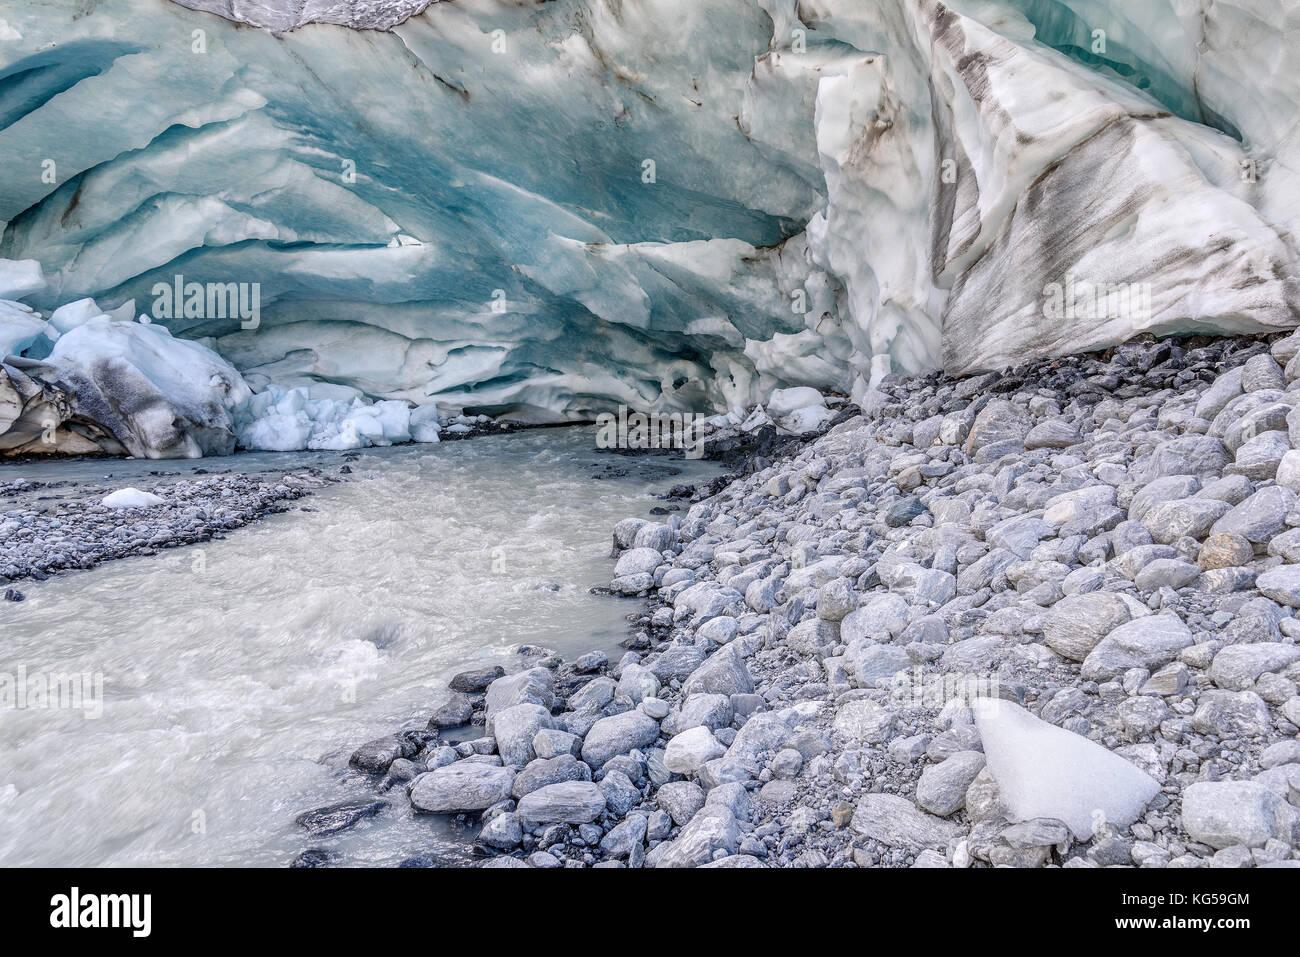 Una colorida vista de la cueva de hielo en el glaciar y el origen del rápido río de montaña que fluye Imagen De Stock